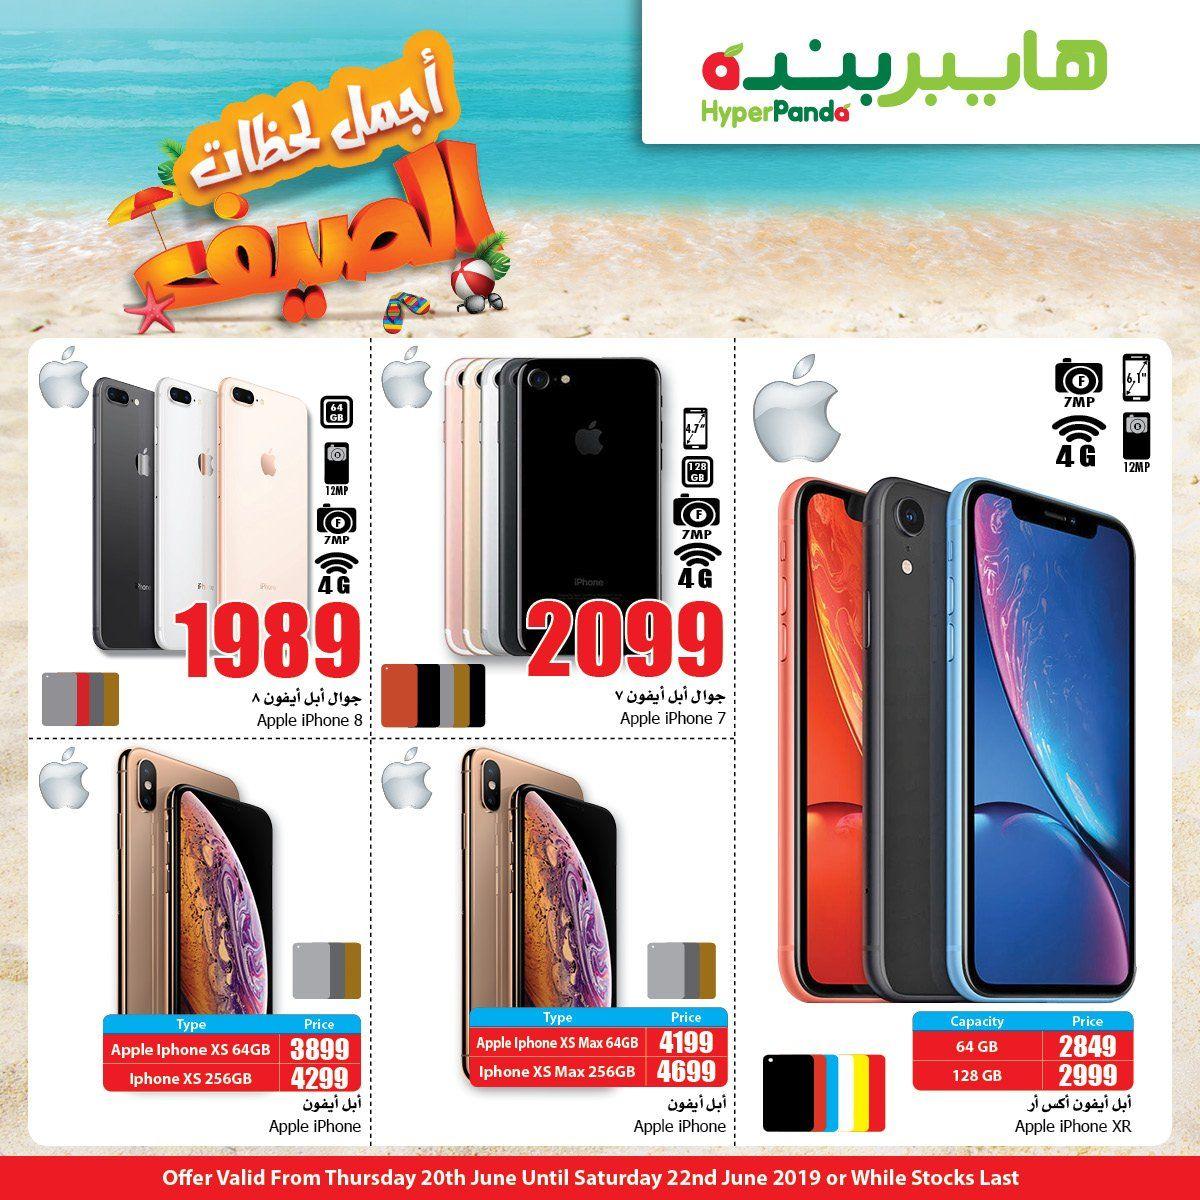 عروض سعودية عروض بنده الاسبوعية عروض الجوالات 13 رمضان 144 Phone Electronic Products Offer